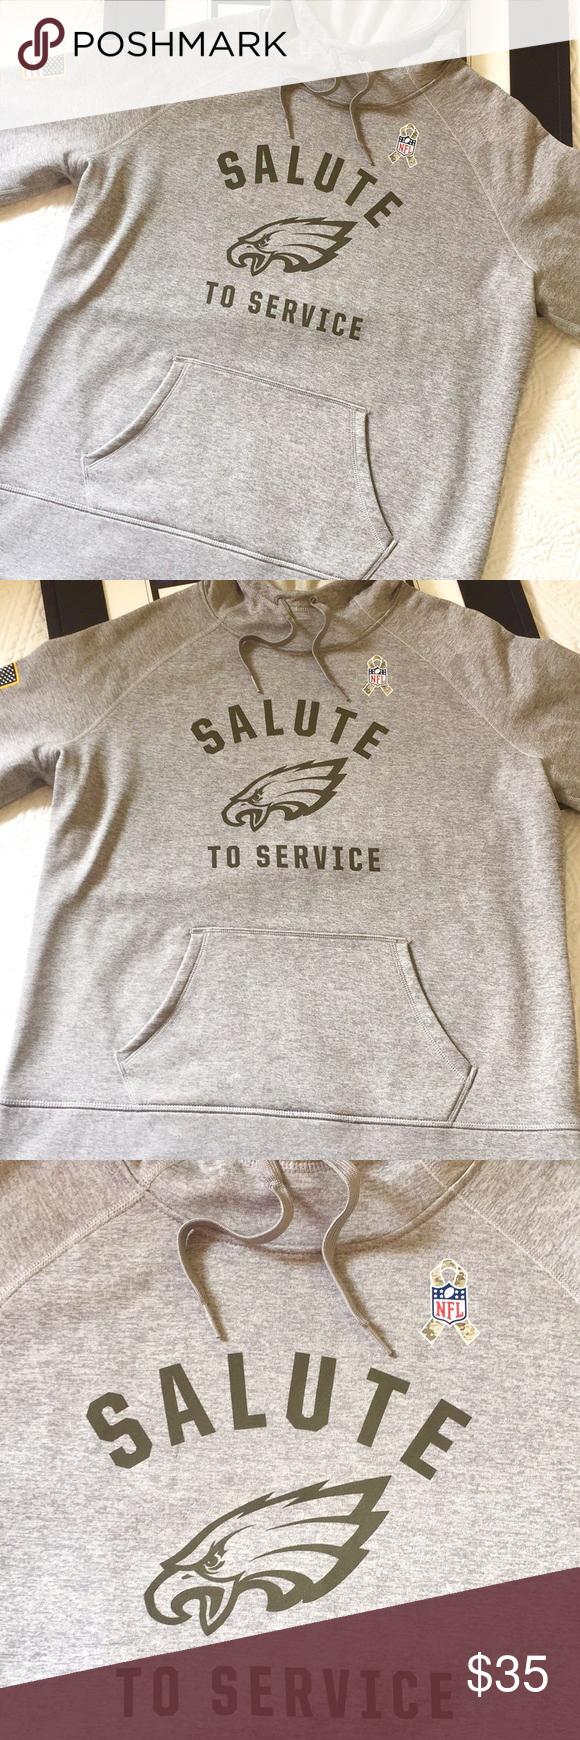 Nike Salute To Service Hoodie Philadelphia Eagles Nike Philadelphia Eagles Nfl Salute To Service Hoodie Is In Long Sleeve Tshirt Men Salute To Service Hoodies [ 1740 x 580 Pixel ]